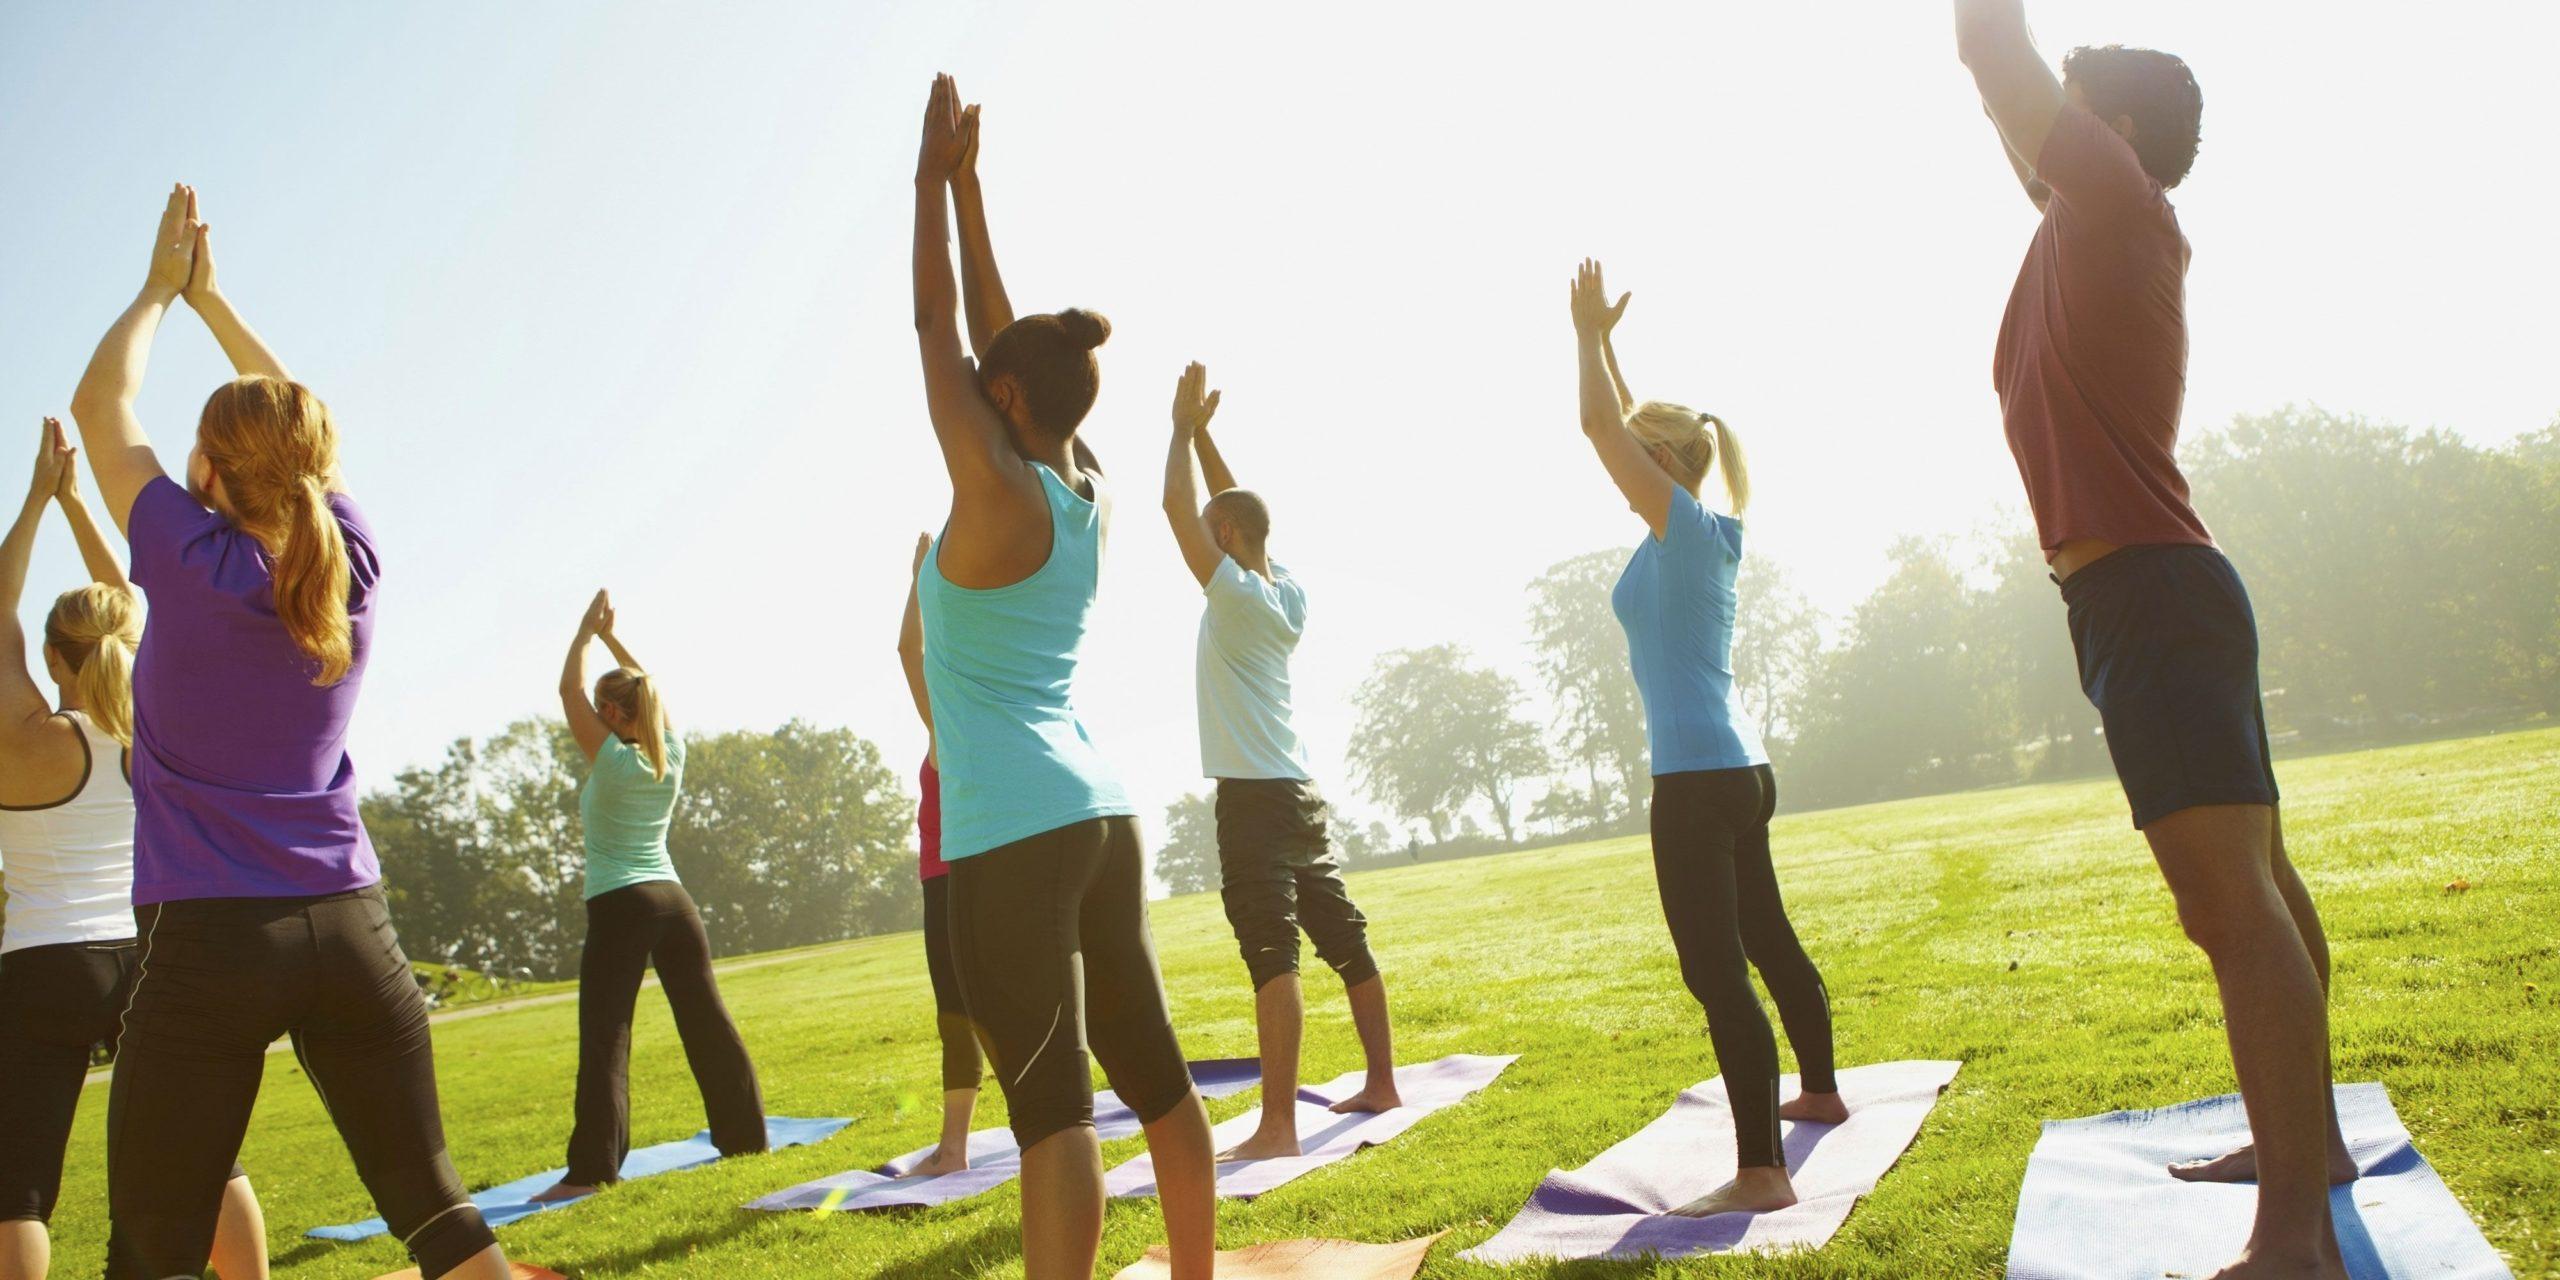 Физические тренировки увеличивают уровень дофамина